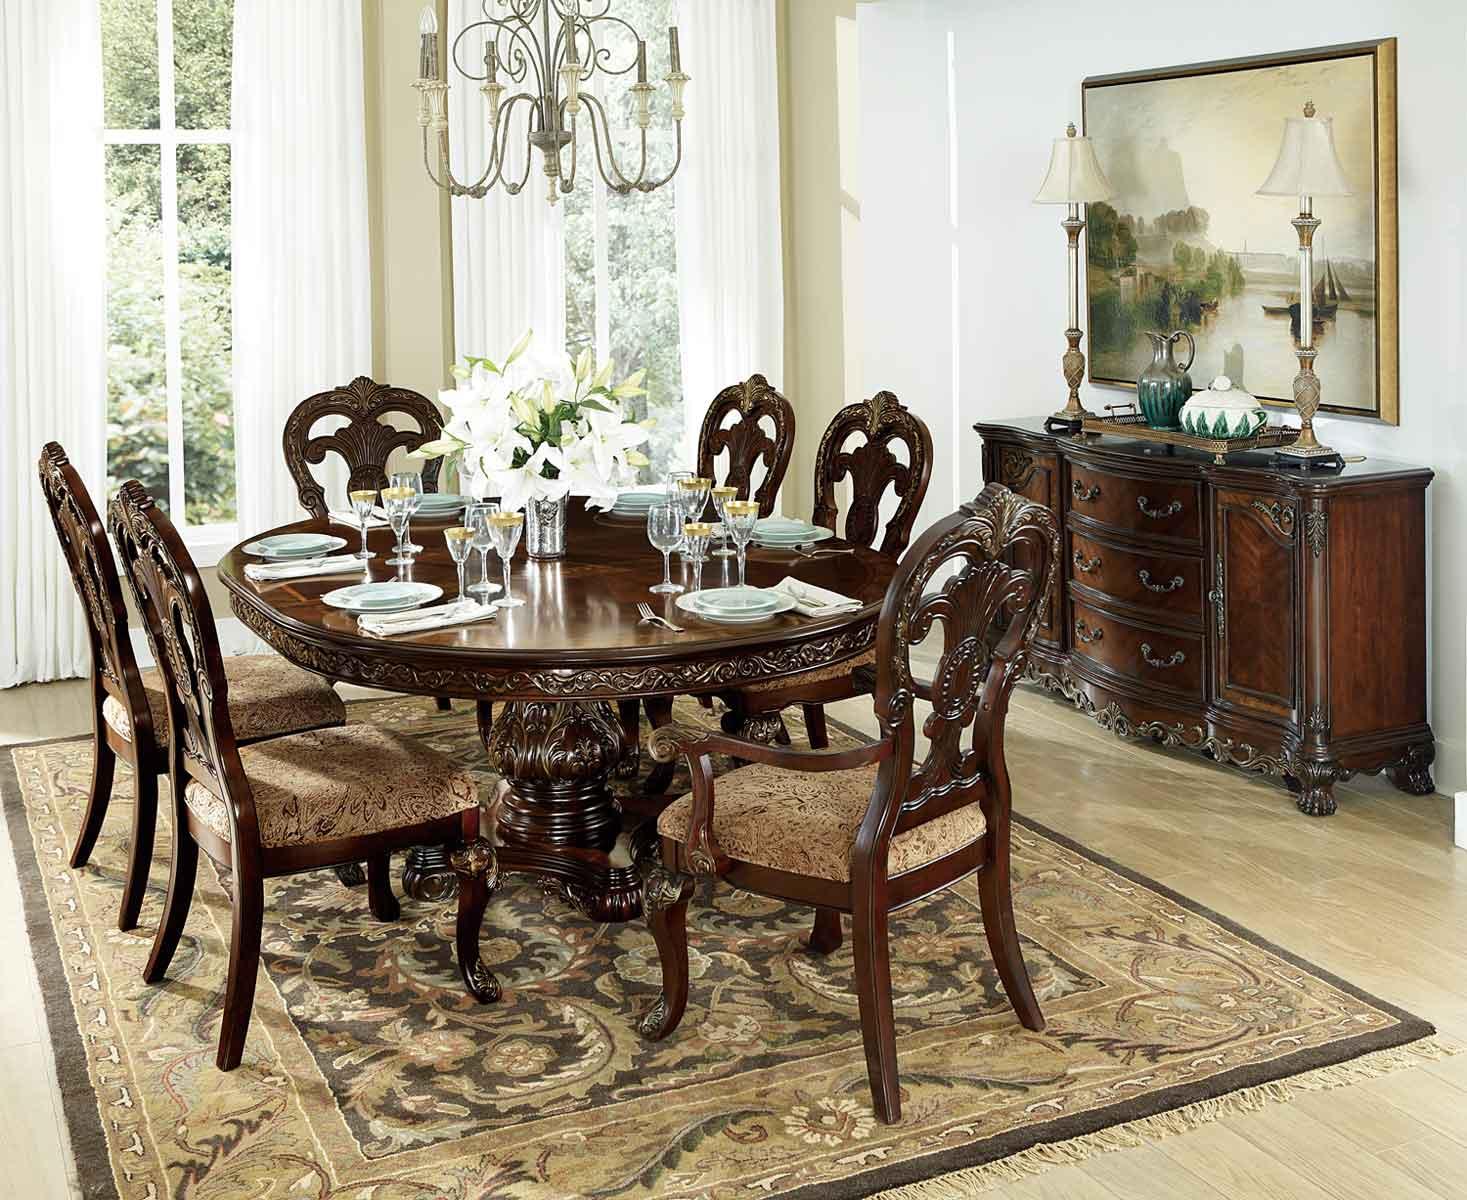 Homelegance Deryn Park Round Pedestal Dining Set - Cherry